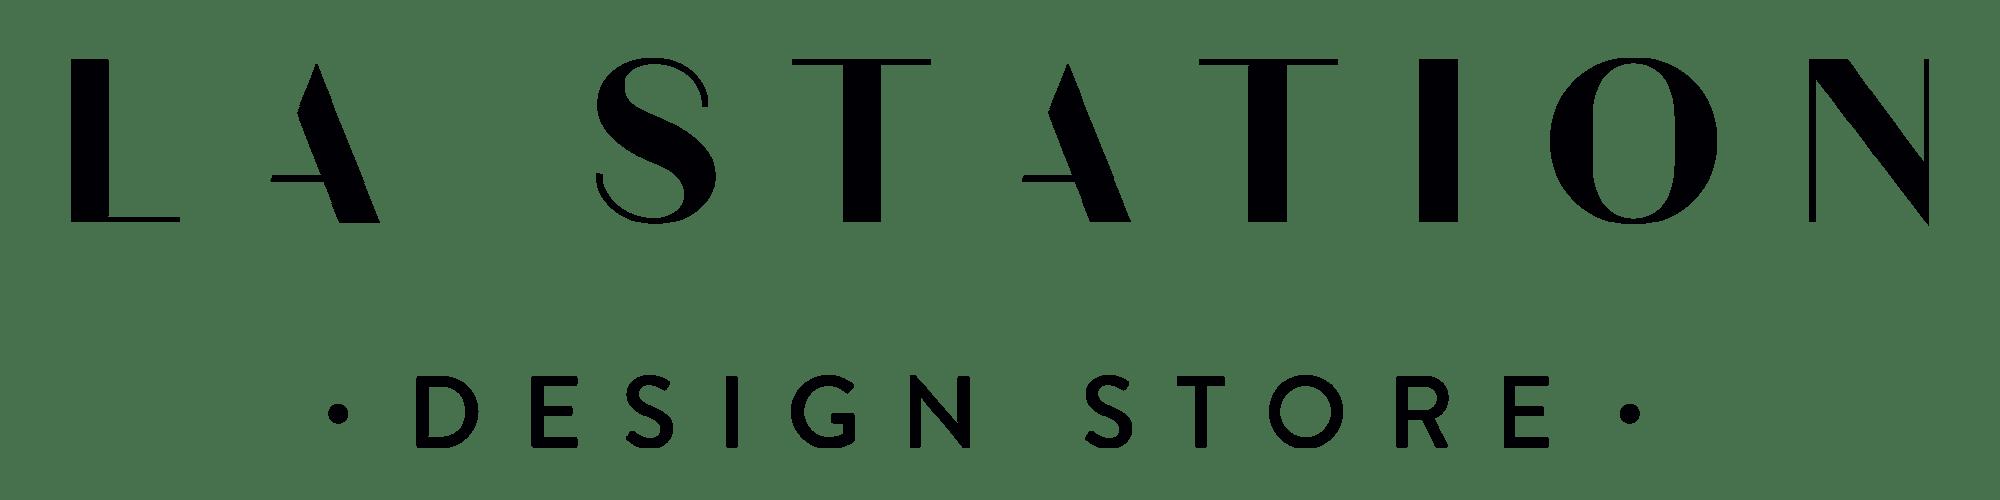 La Station Design Store